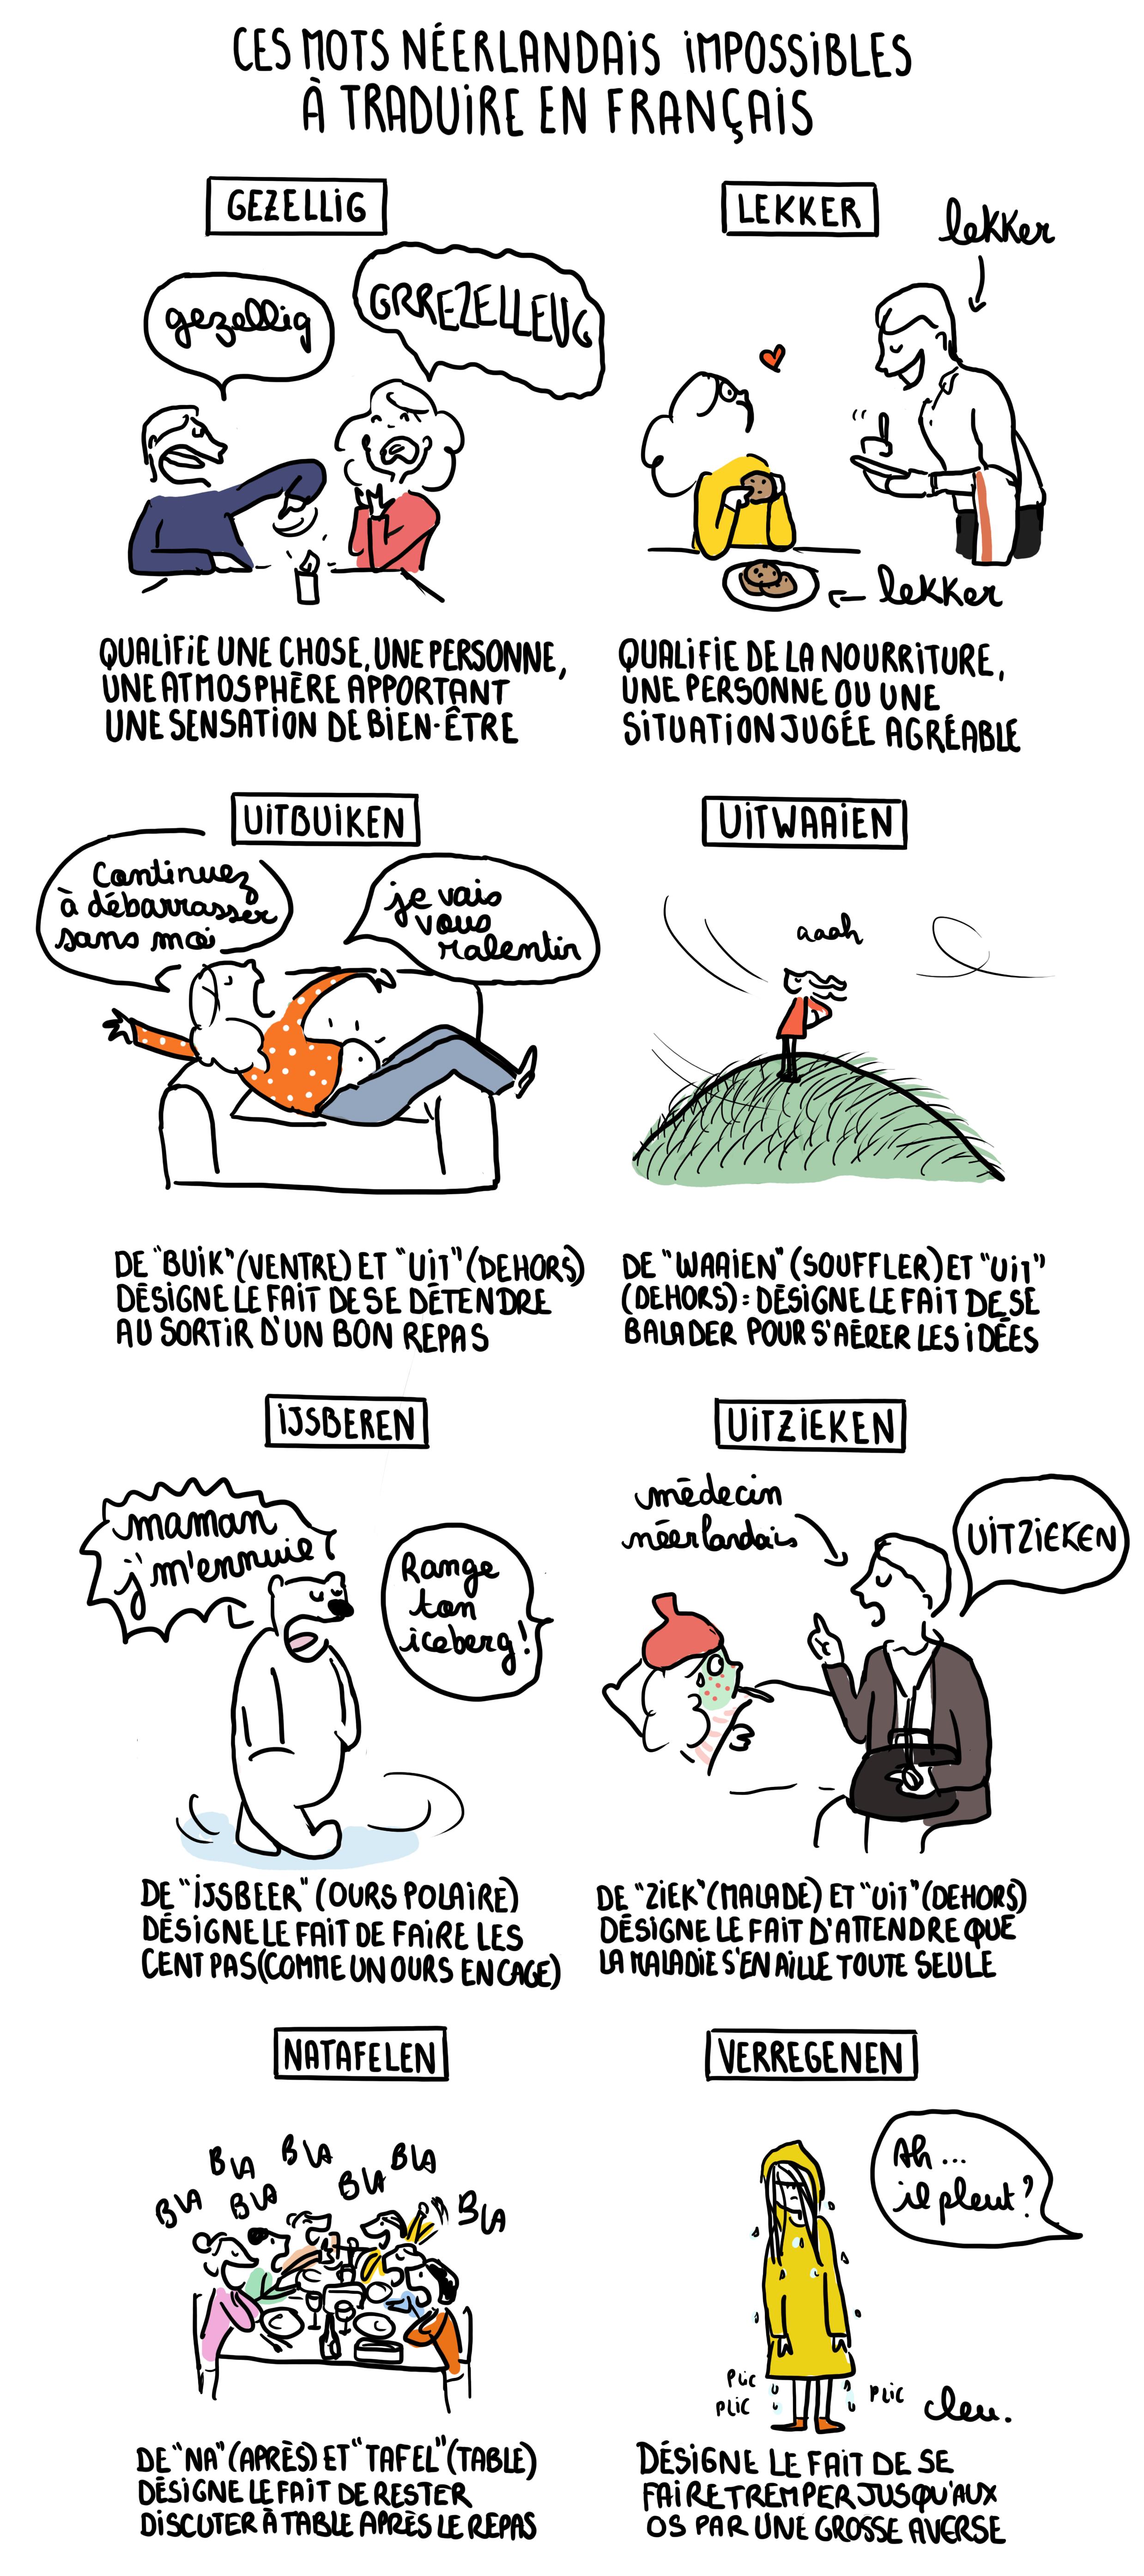 Cette bande dessinée illustre la difficulté de traduction de gezellig et 7 autres mots néerlandais